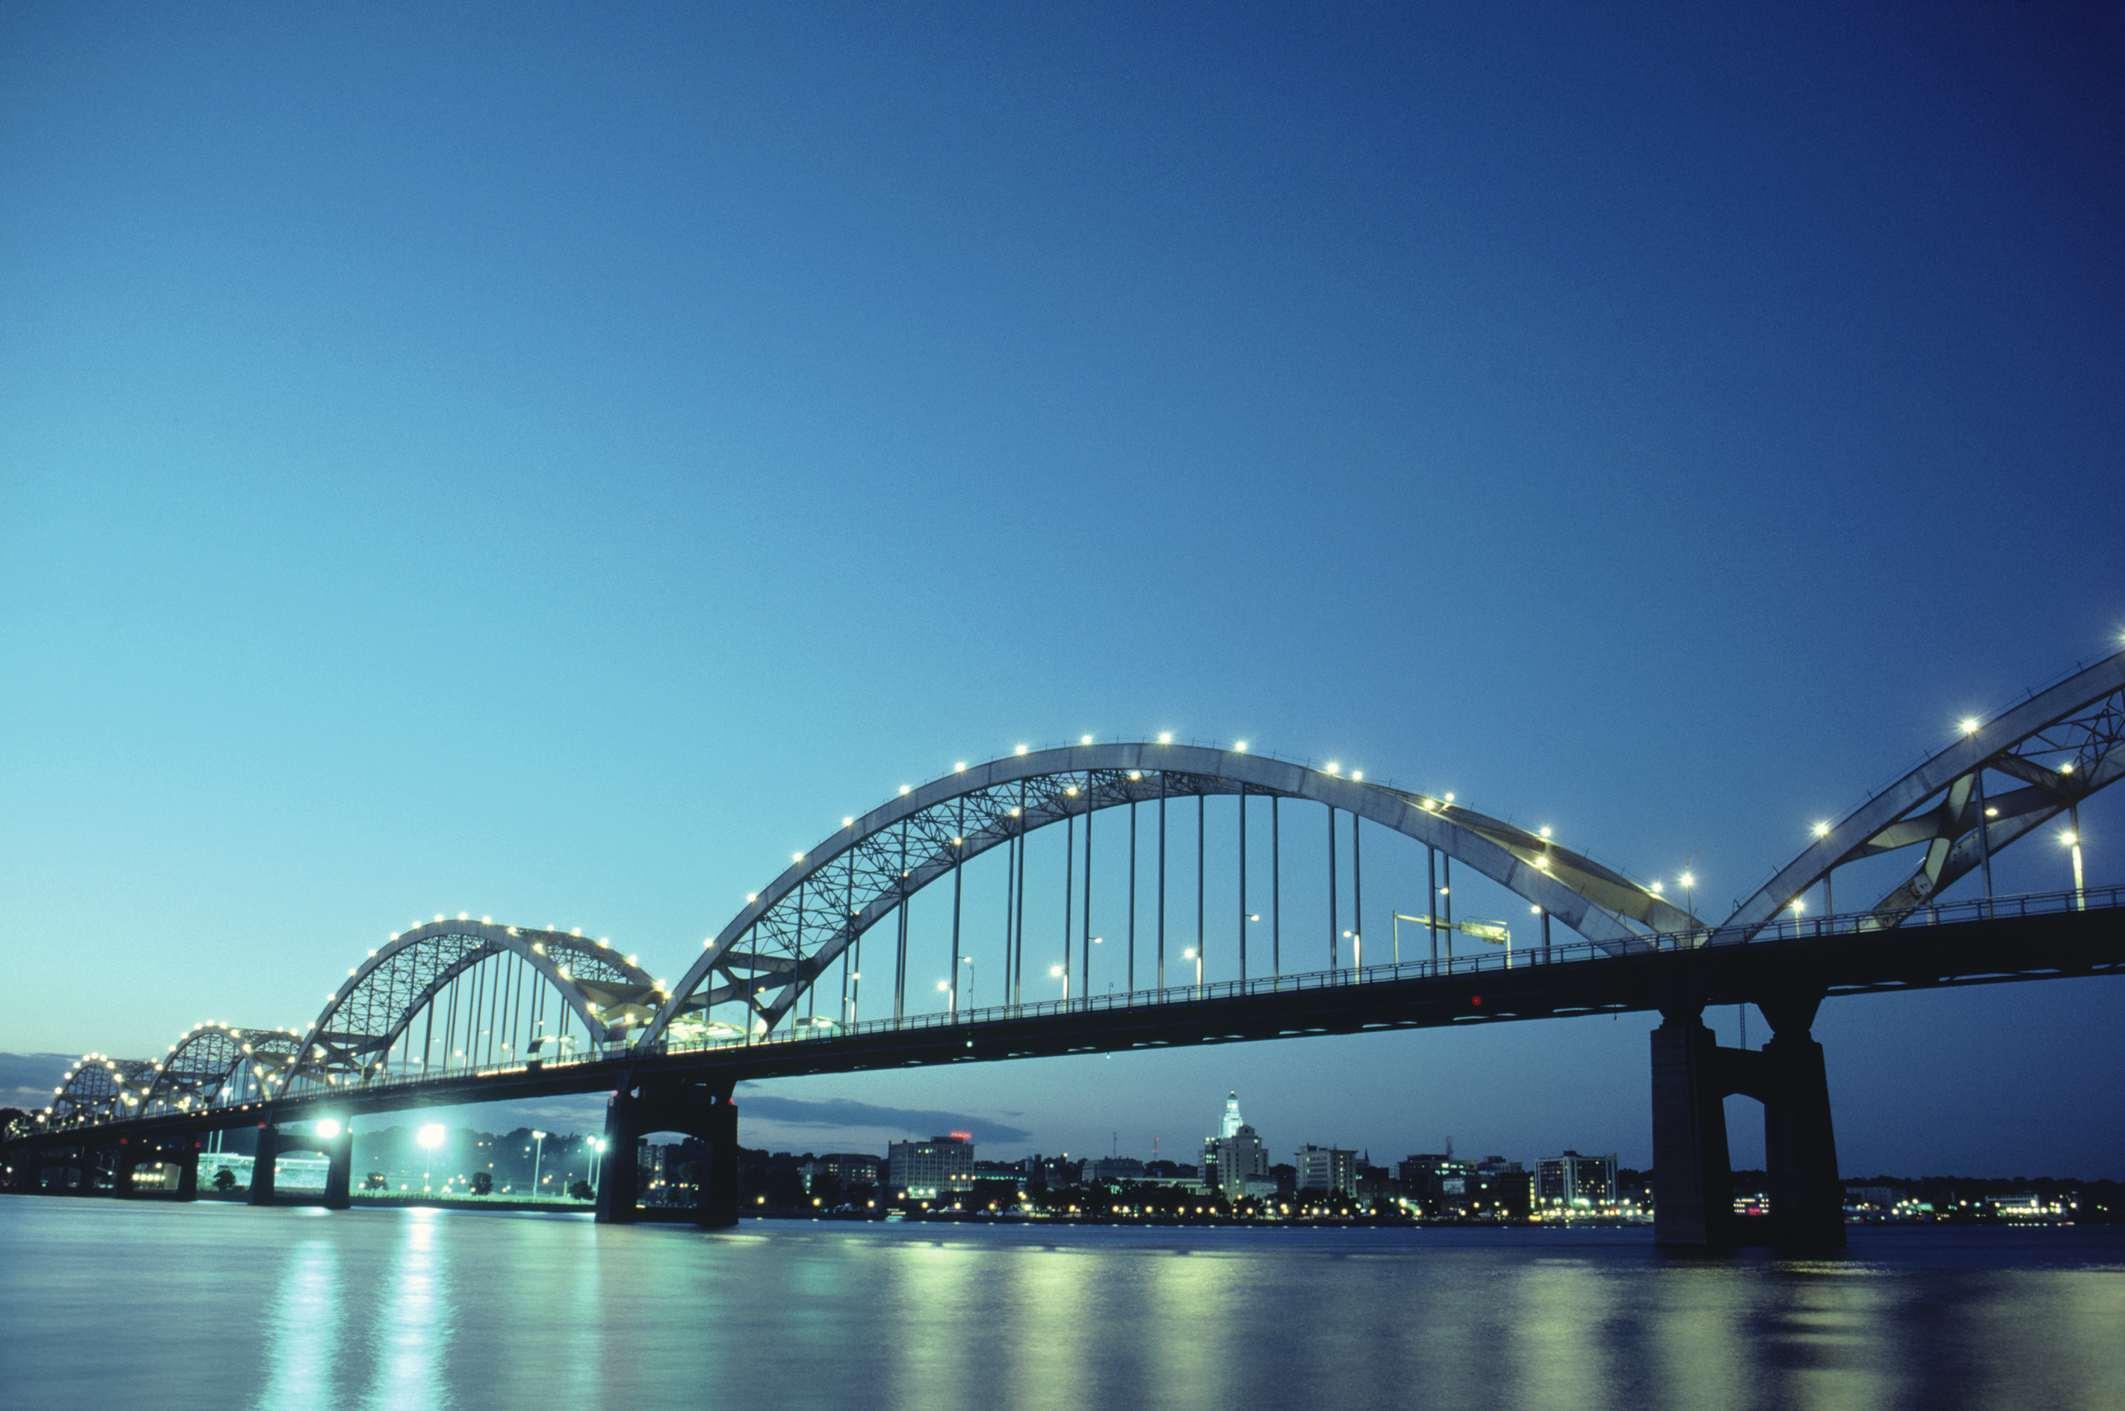 Centennial Bridge, Davenport, Iowa